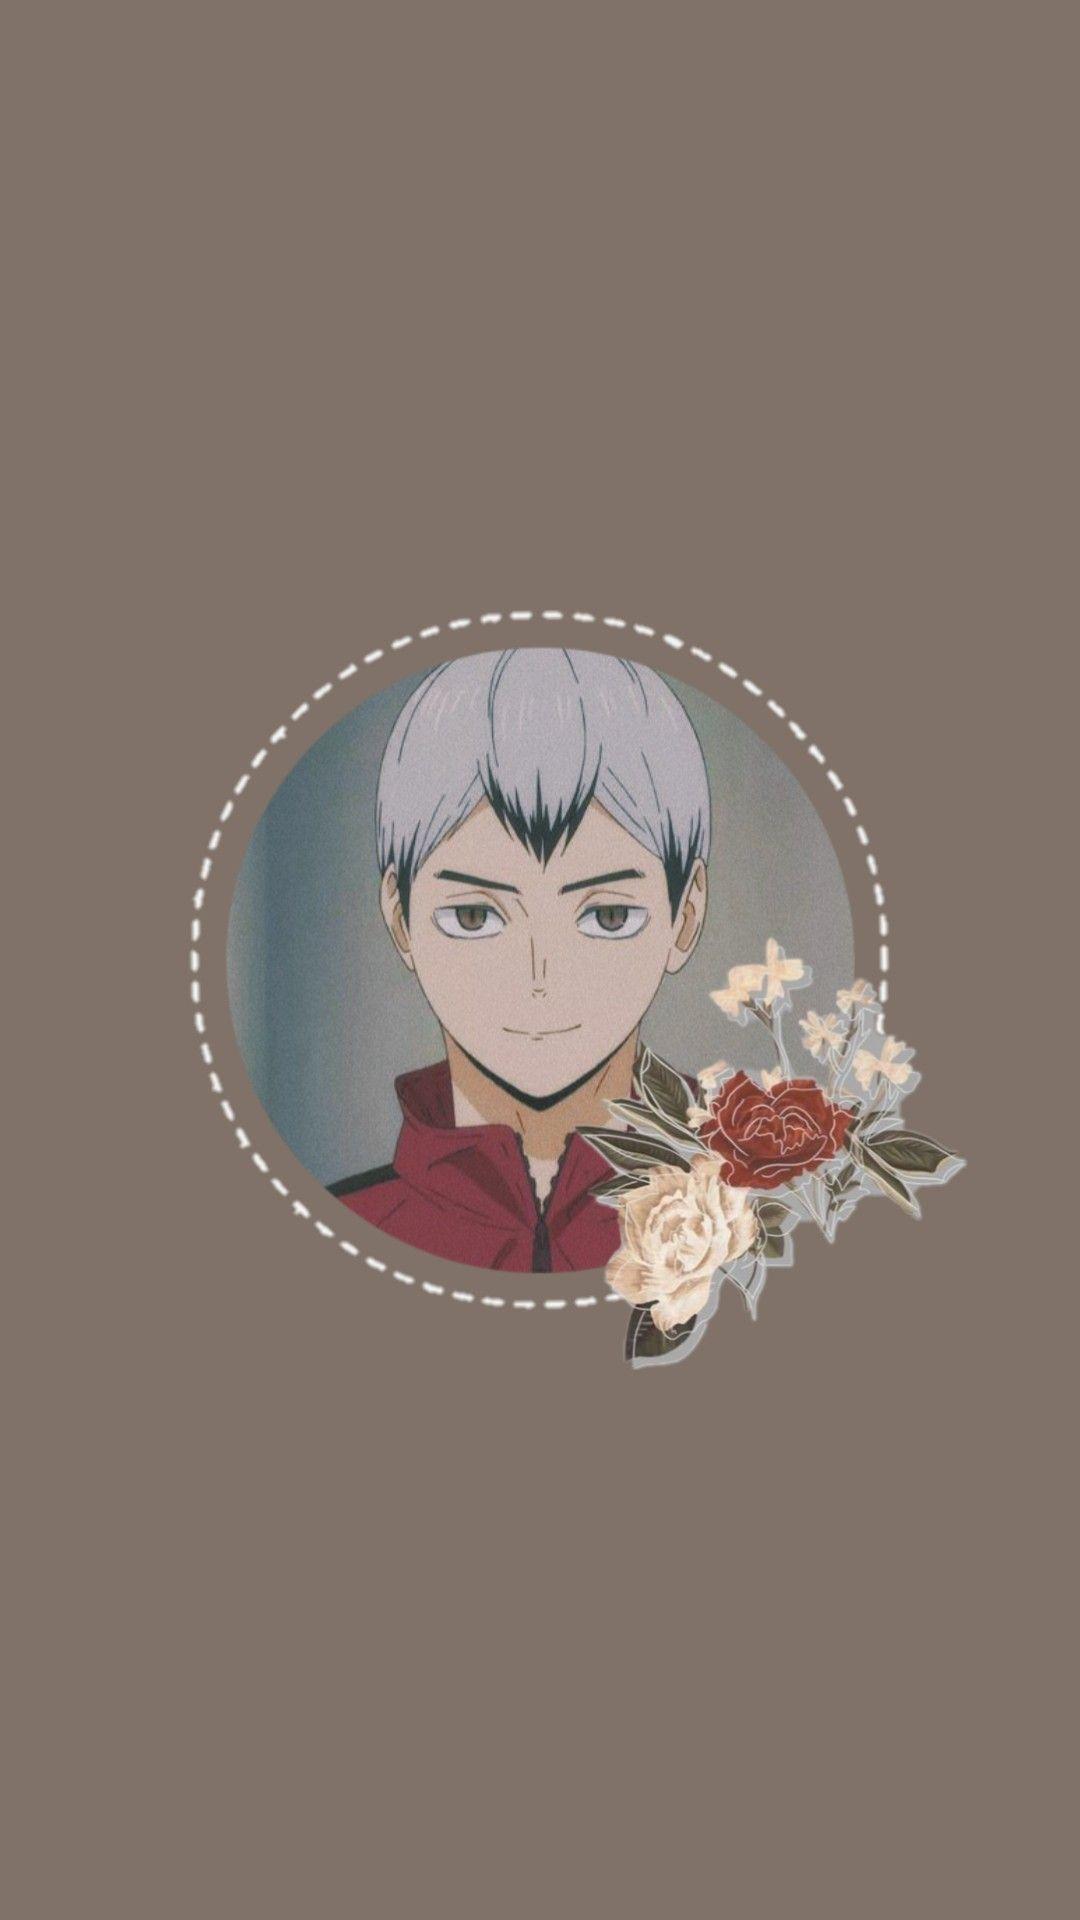 𝓚𝓲𝓽𝓪 𝓢𝓱𝓲𝓷𝓼𝓾𝓴𝓮 Anime Wallpaper Haikyuu Wallpaper Anime